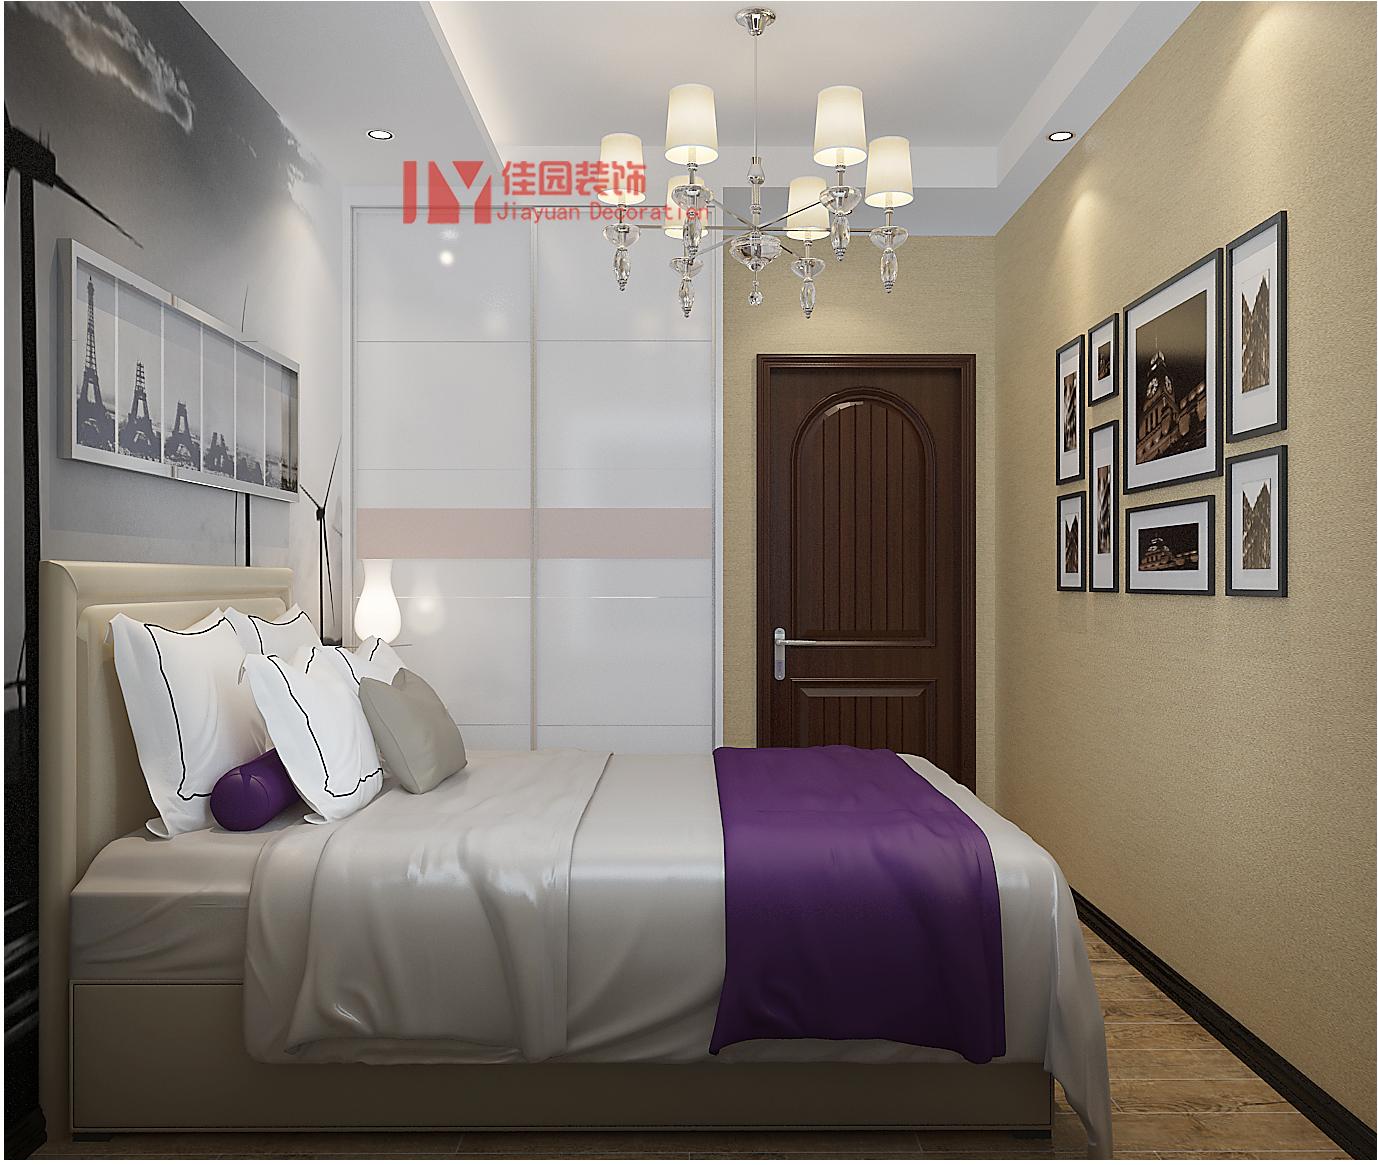 简约 卧室图片来自佳园装饰在蒙特卡尼70平米简约风格装修案例的分享